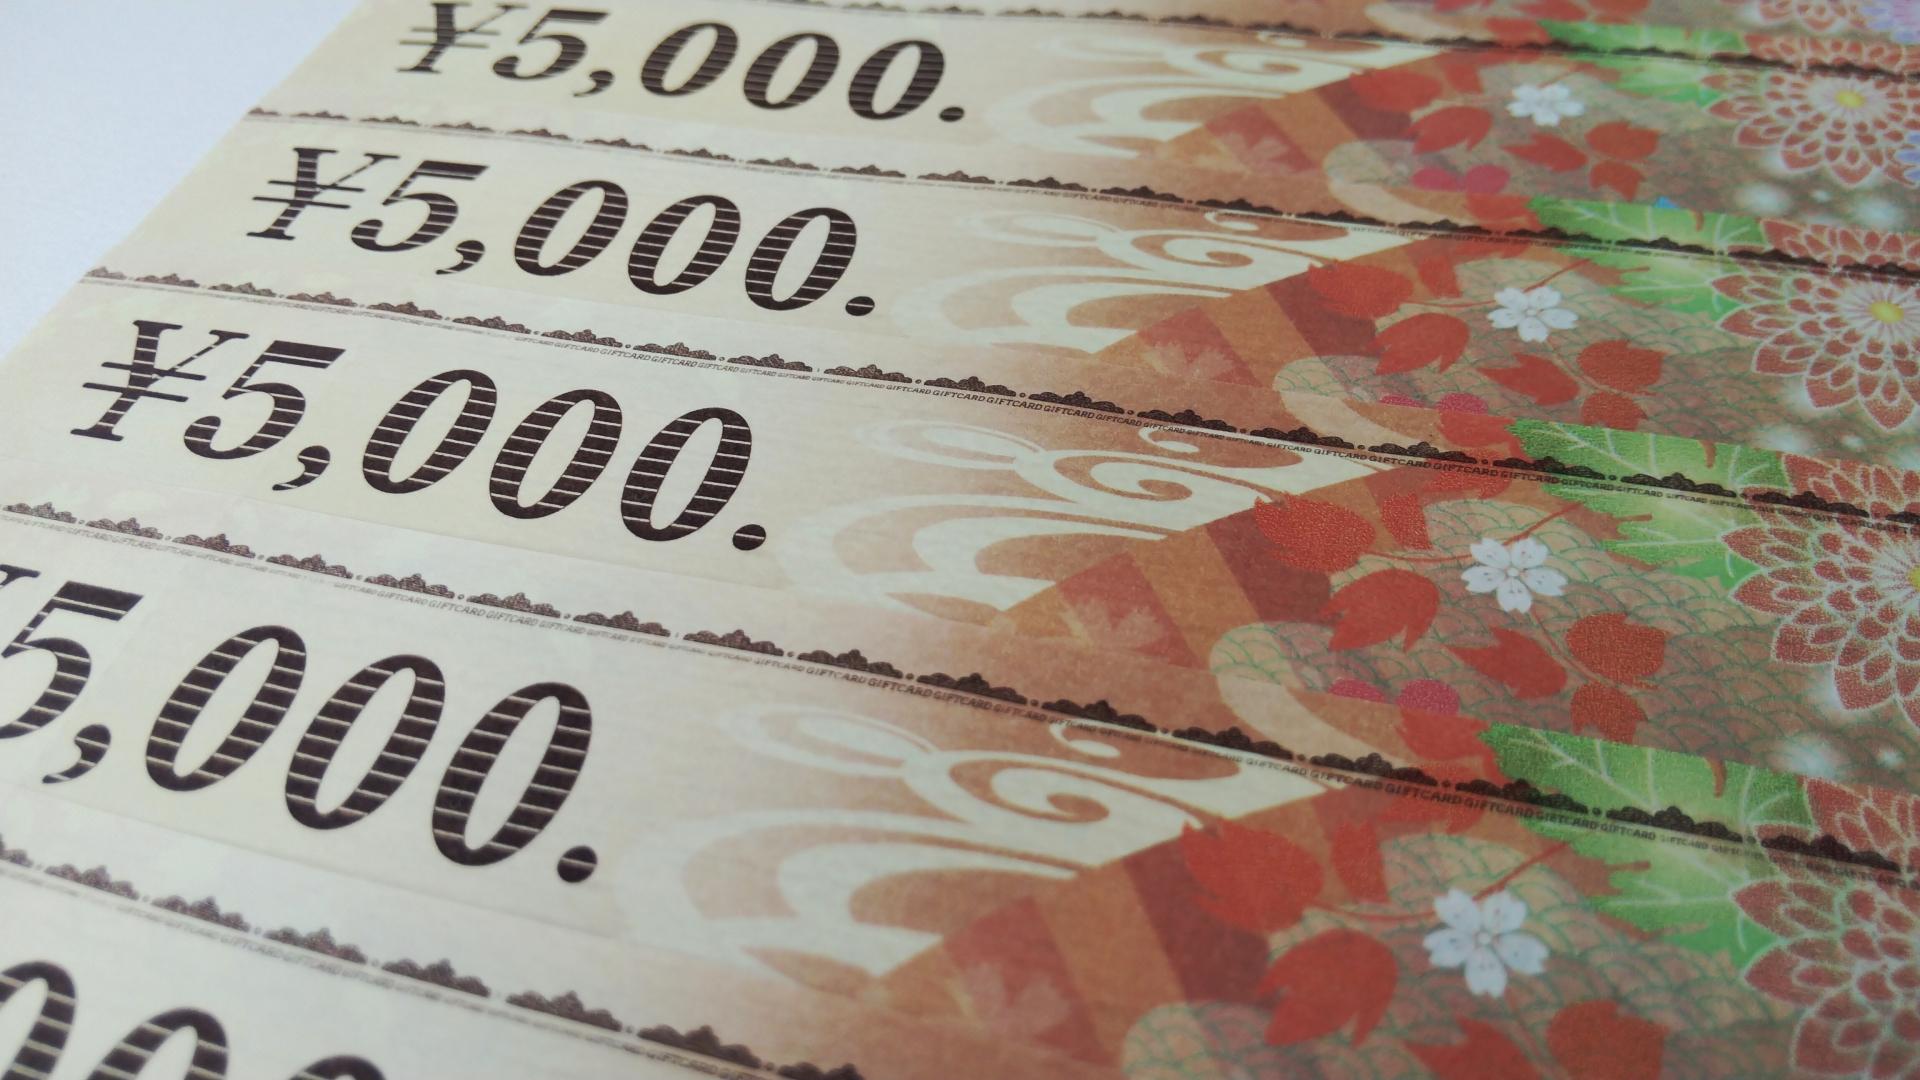 独资经营者的资金用途之一是在售票处购买礼券!您可以购买美国运通卡